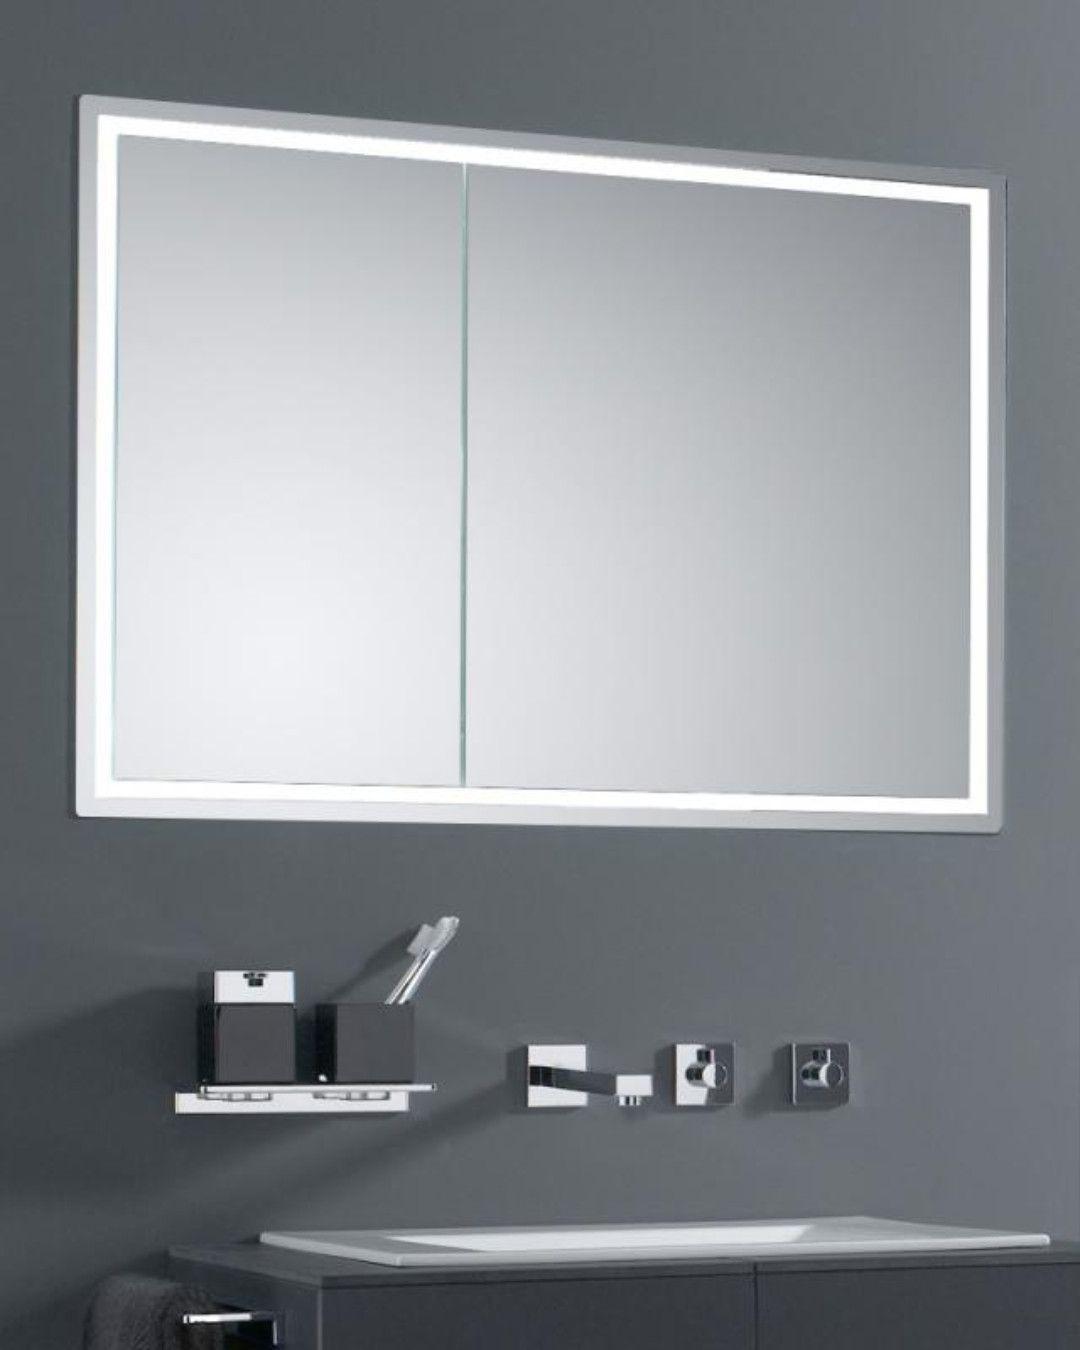 Emco Prestige Unterputz Lichtspiegelschrank Breite Tur Rechts 989706024 Unterputz Spiegelschrank Spiegelschrank Spiegelschrank Bad